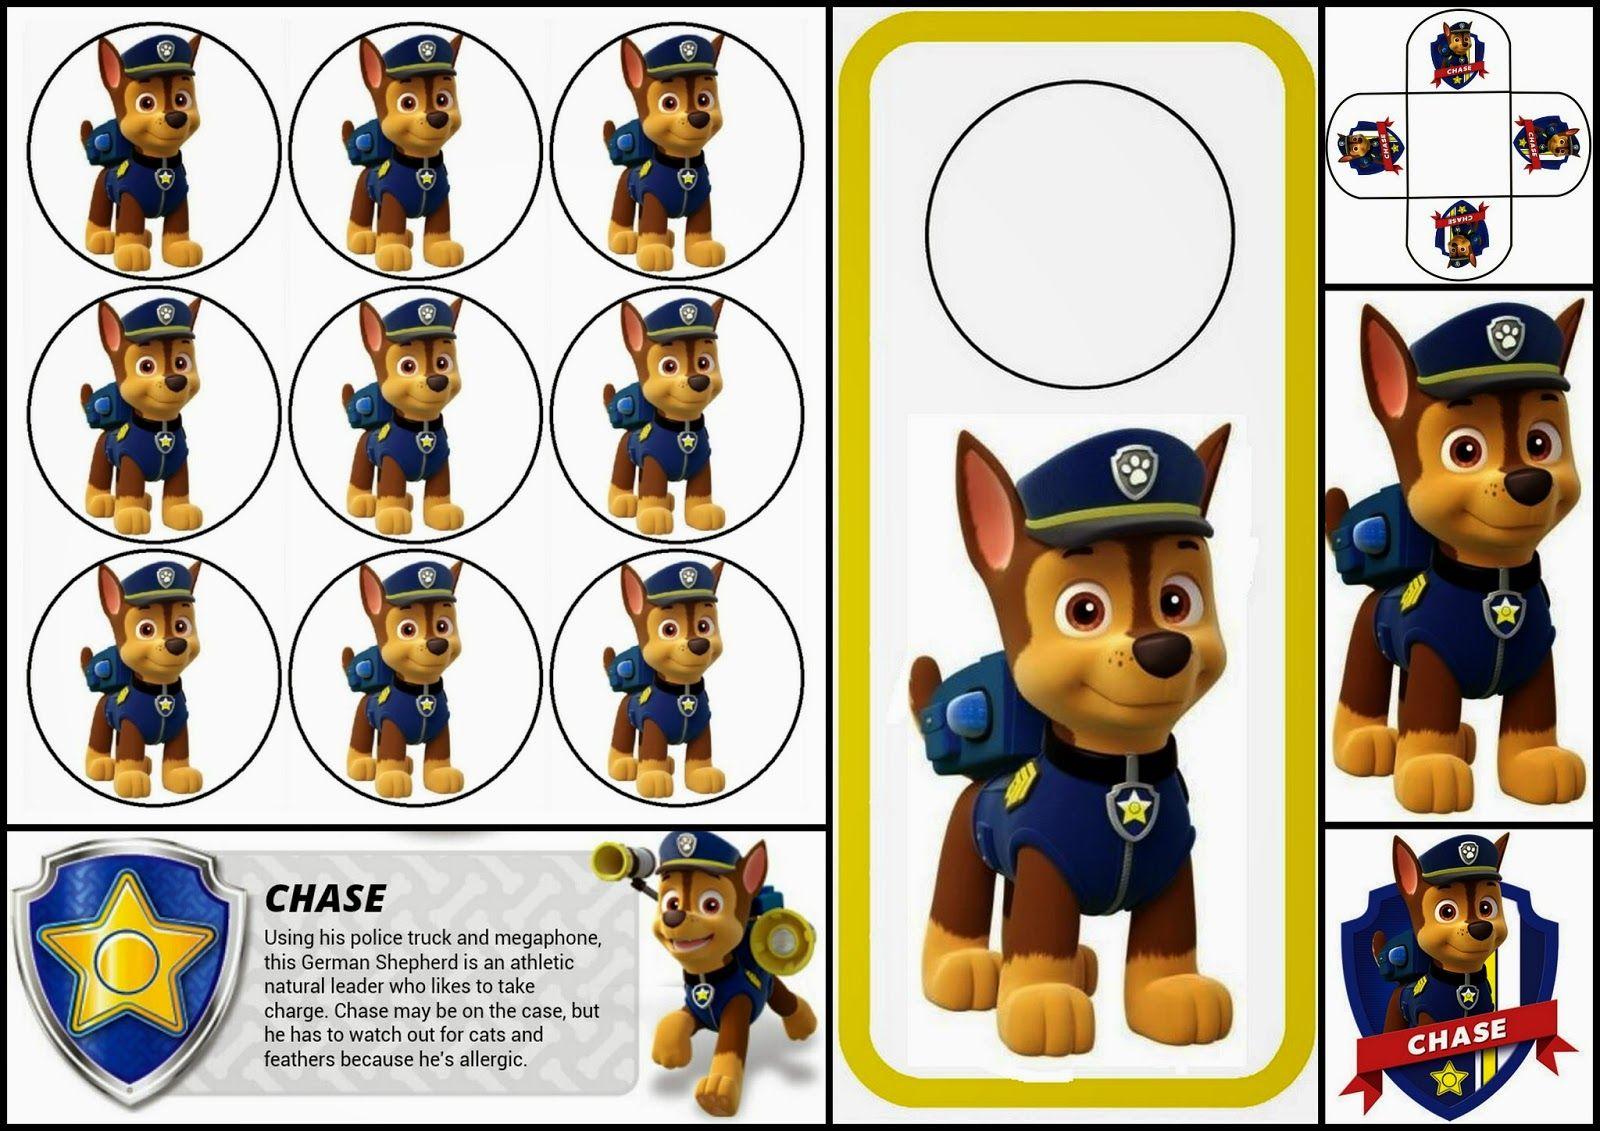 Paw patrol o patrulla canina divertido mini kit de chase - Manualidades patrulla canina ...